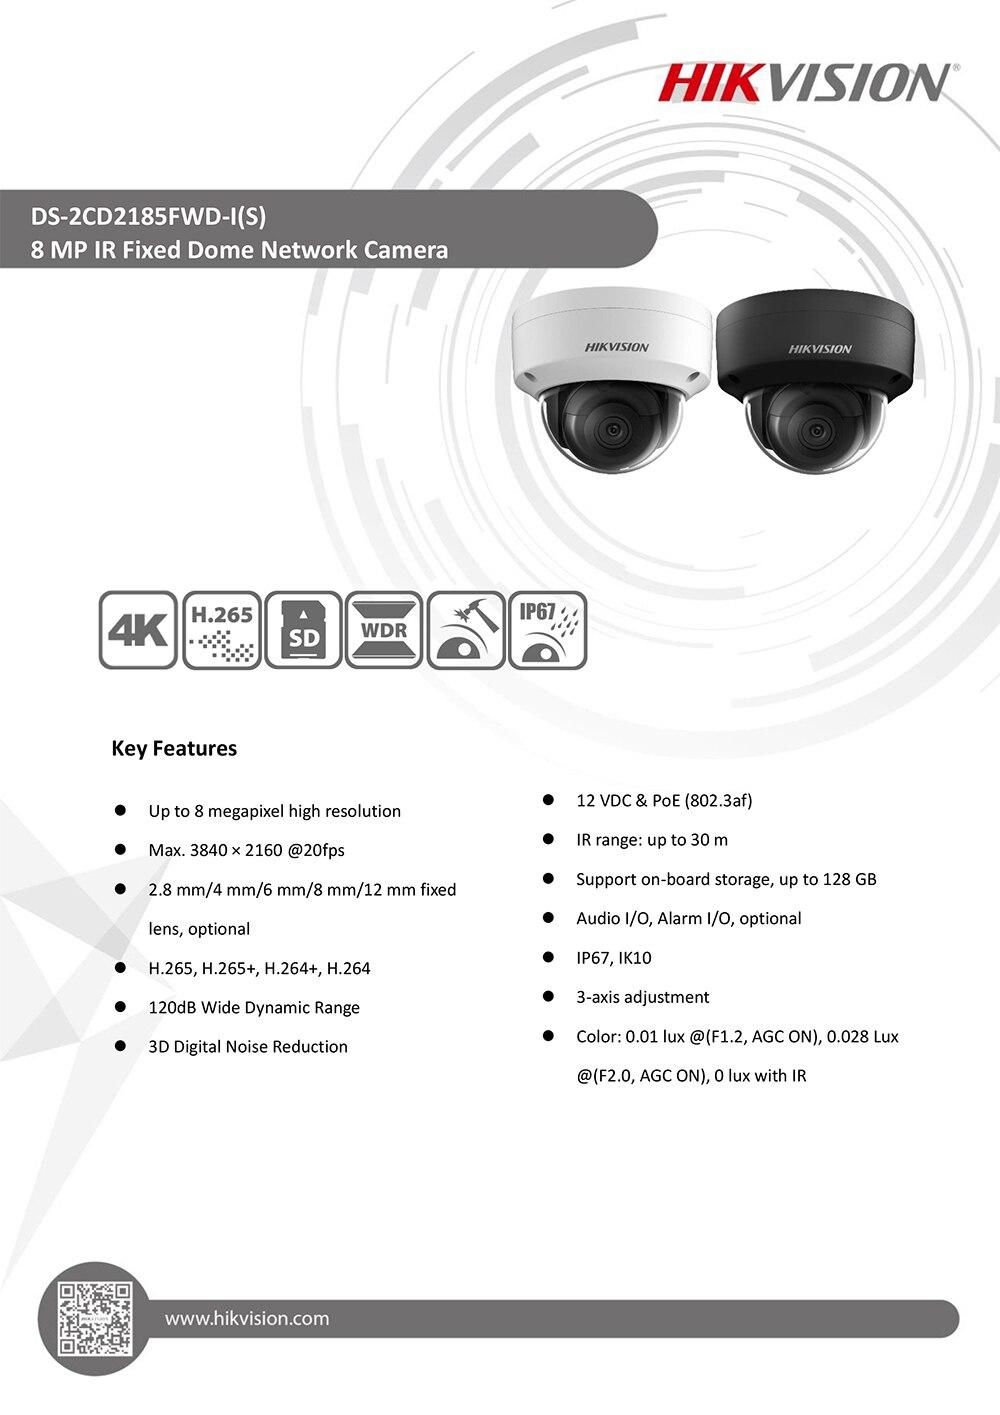 DS-2CD2185FWD-I(S)_Datasheet_V5.5.80_20181207-1